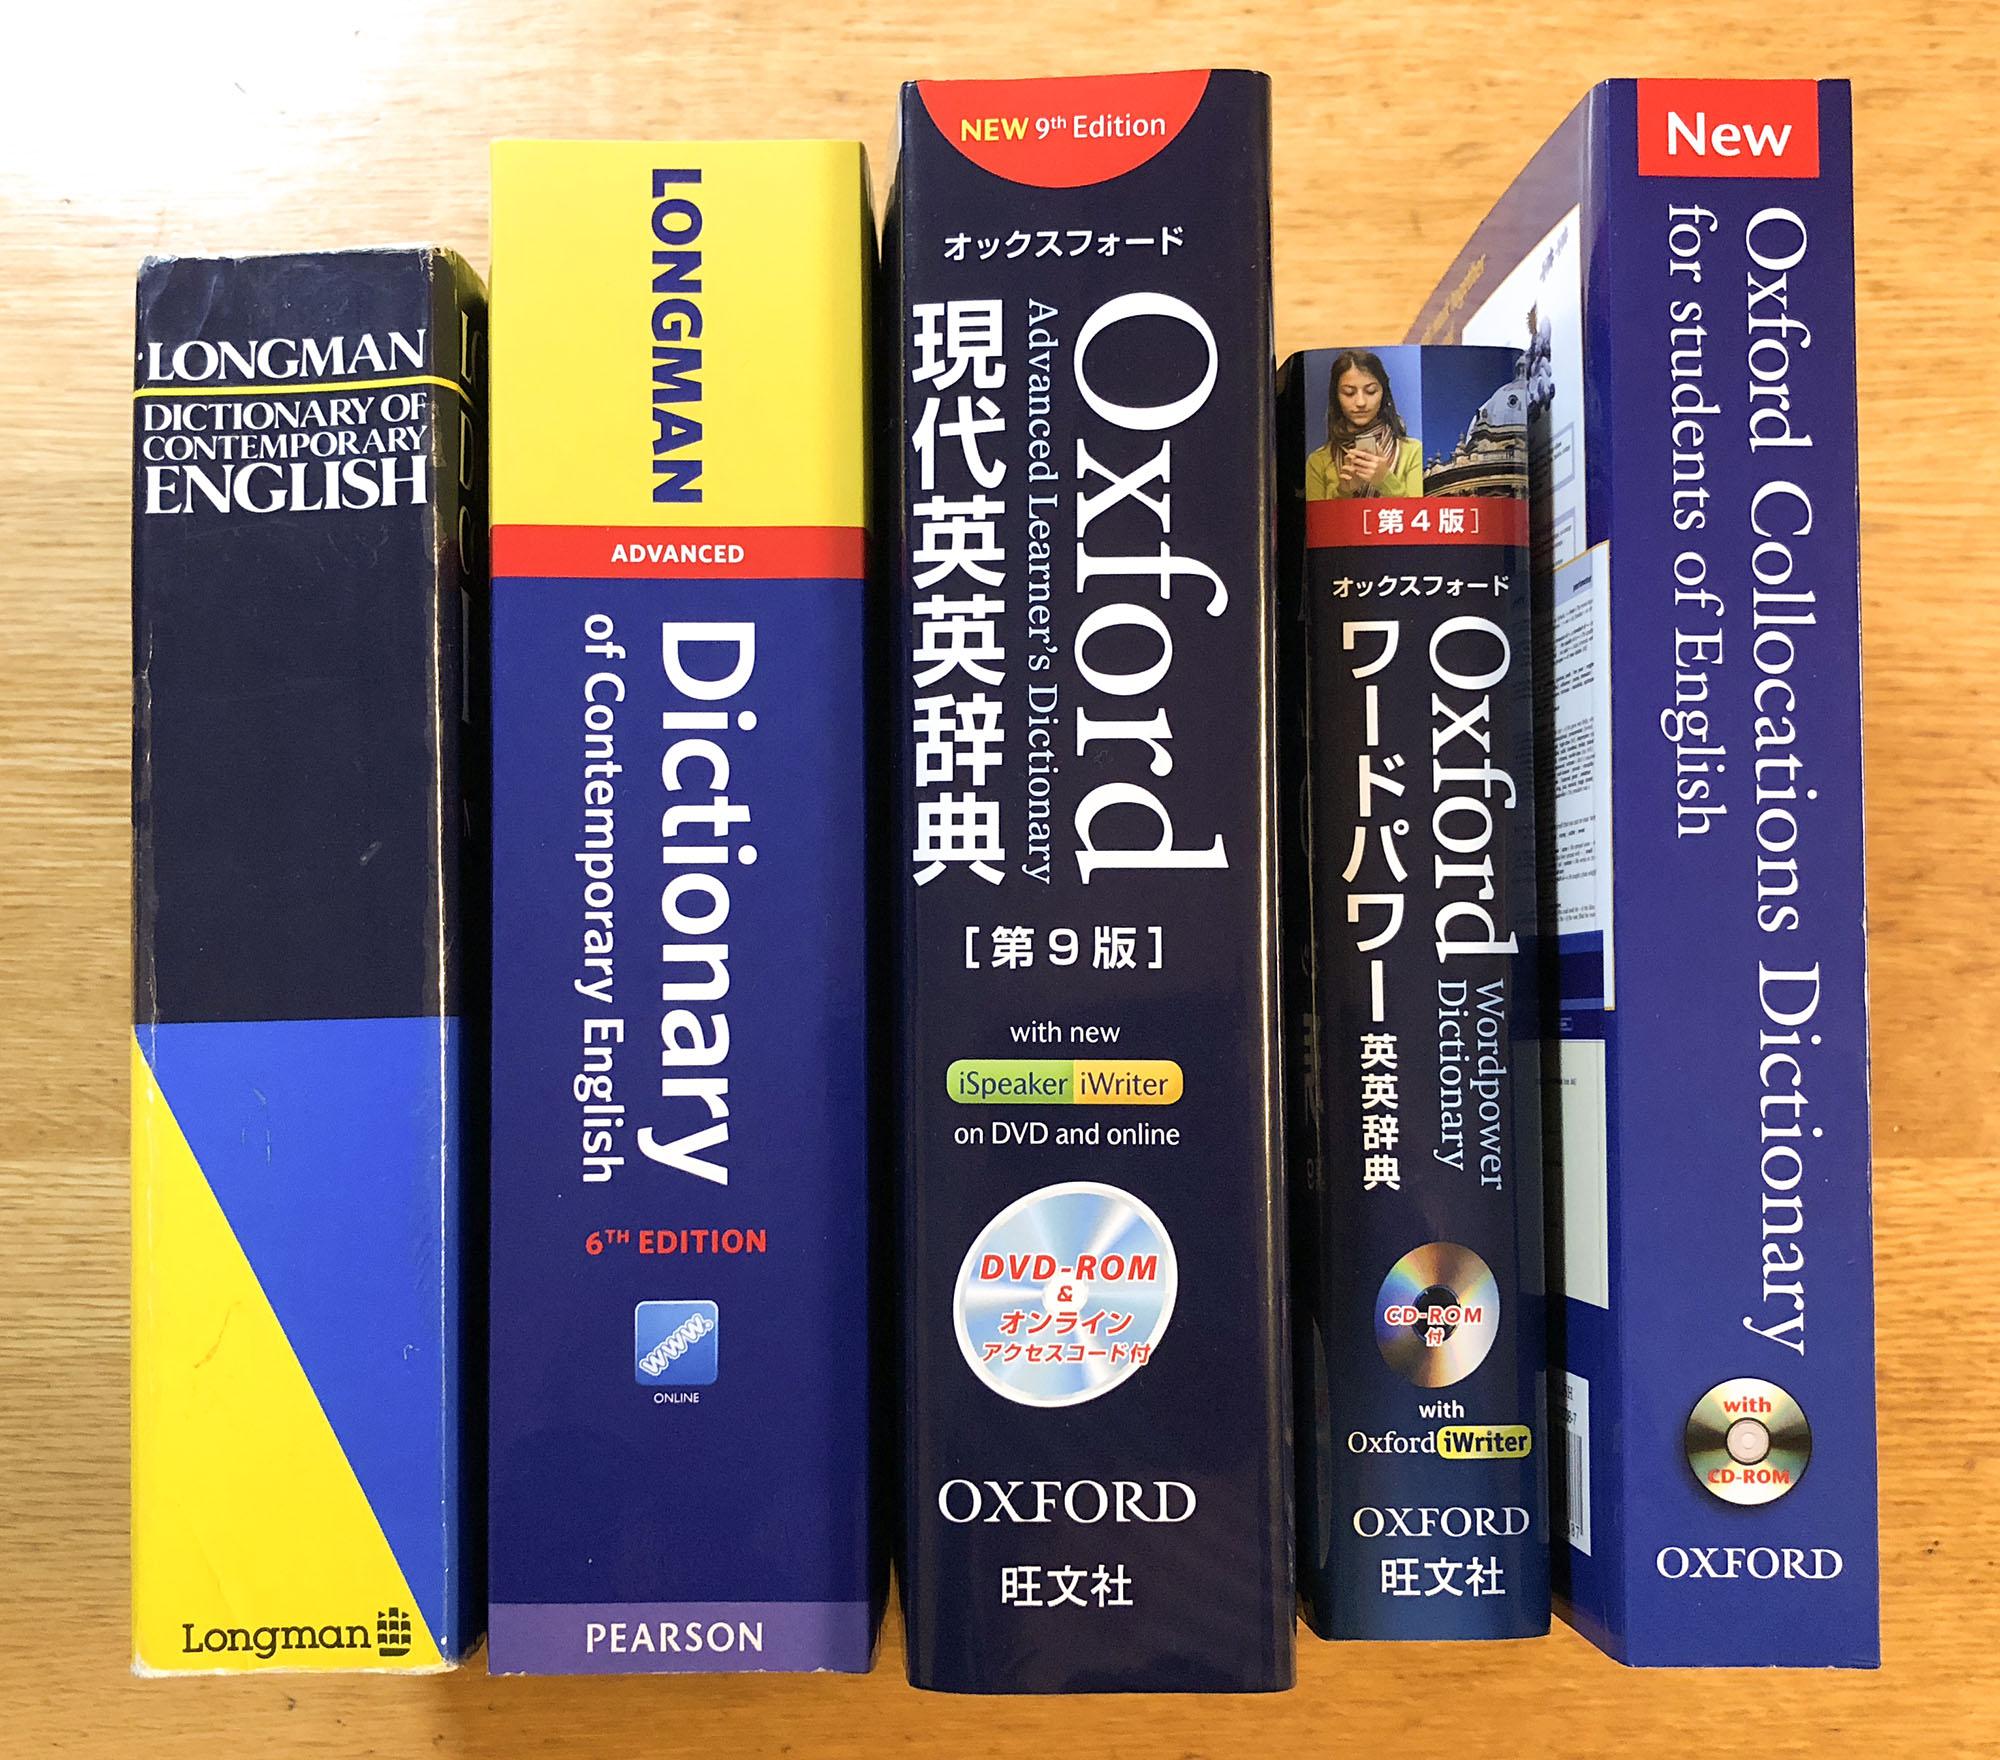 「英英辞典 オックスフォード」の画像検索結果